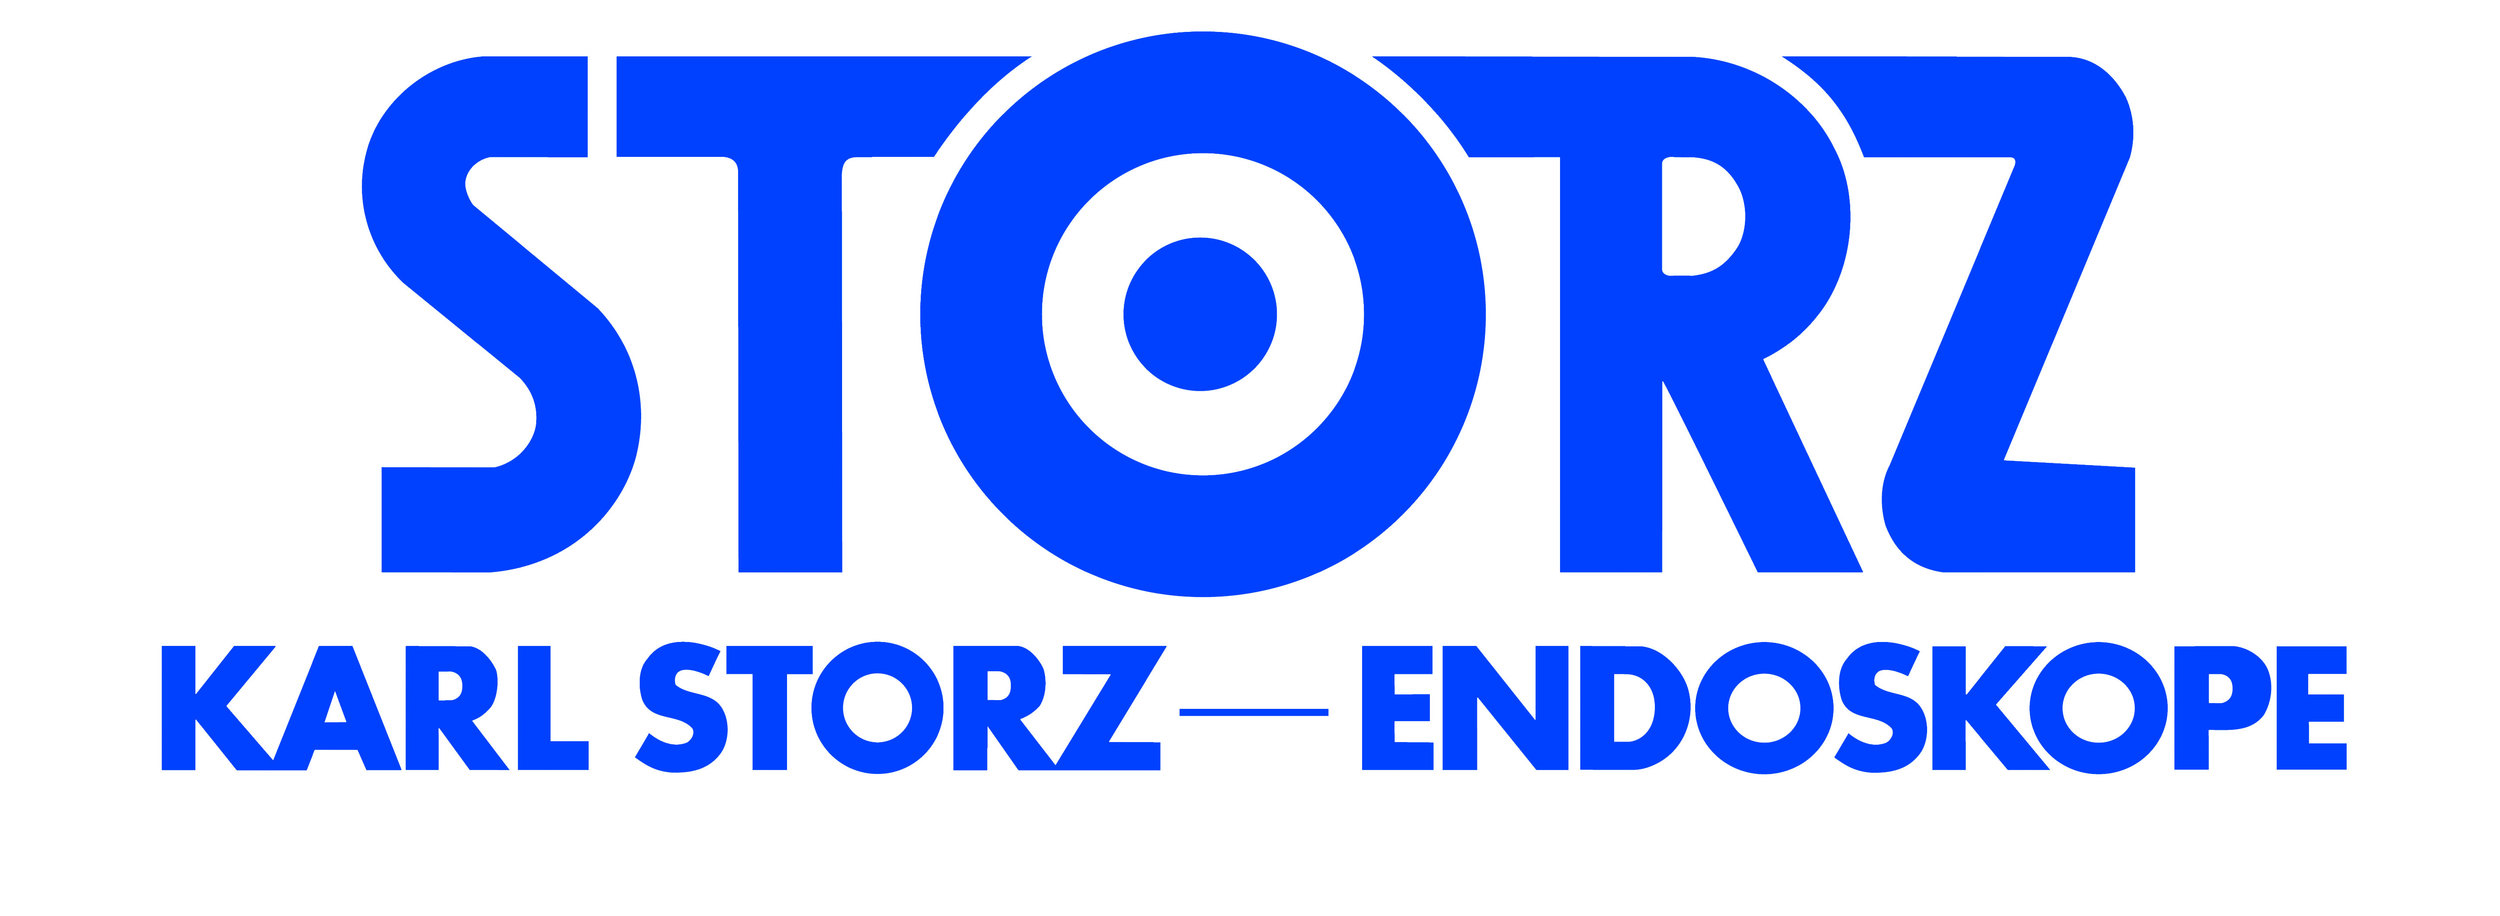 KARLSTORZ-logo.jpg